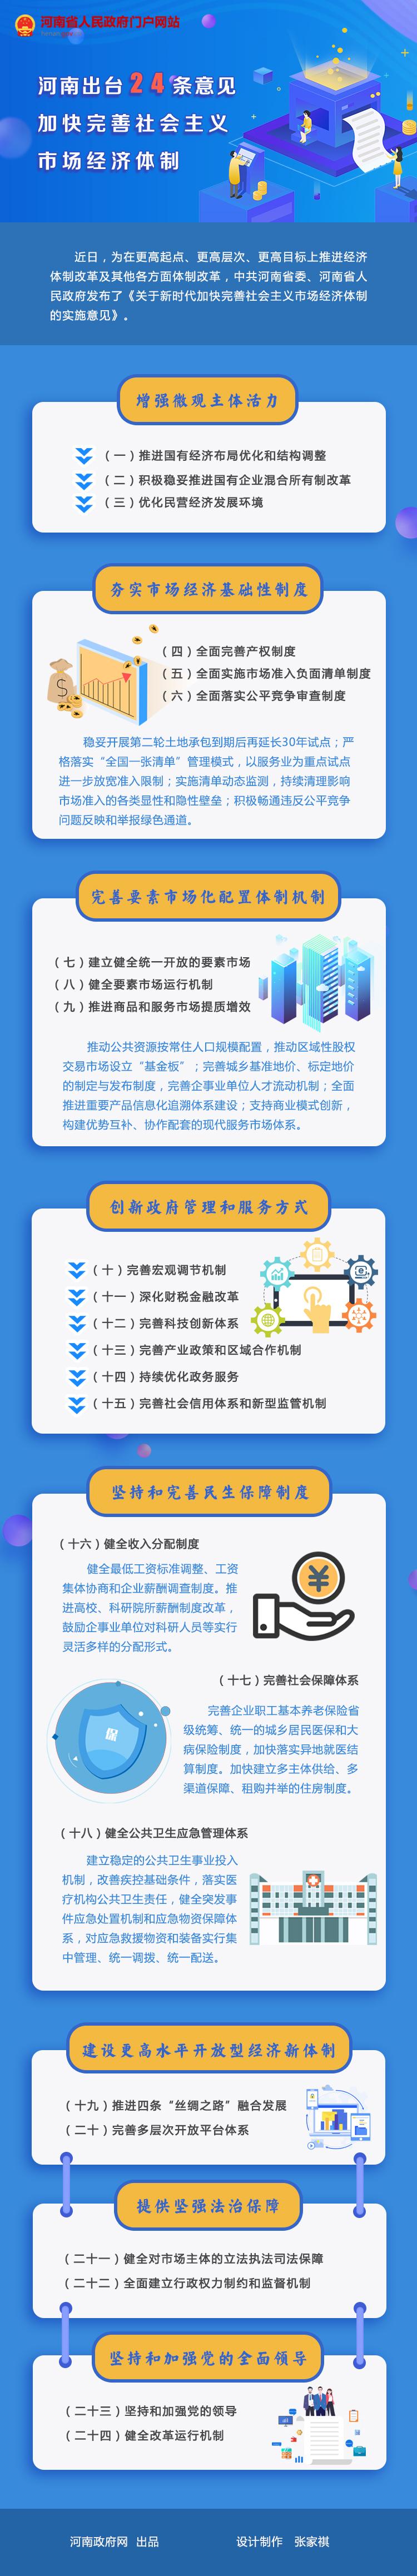 图解:河南出台24条意见 加快完善社会主义市场经济体制.jpg